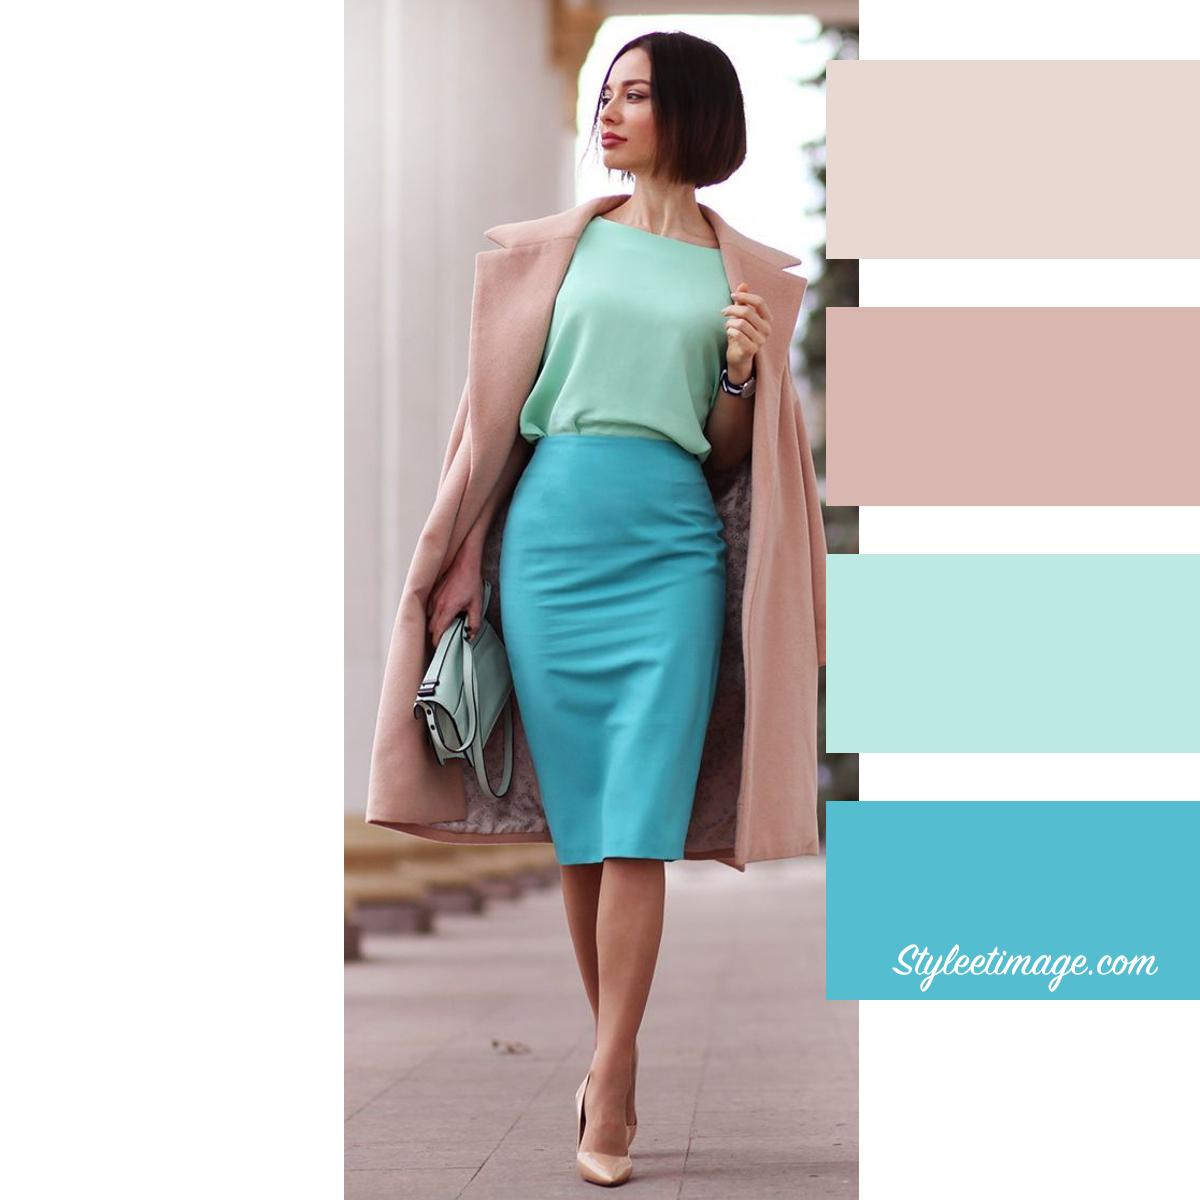 Bleu Et Vert Quel Couleur 15 idées pour associer les couleurs de vos vêtements |